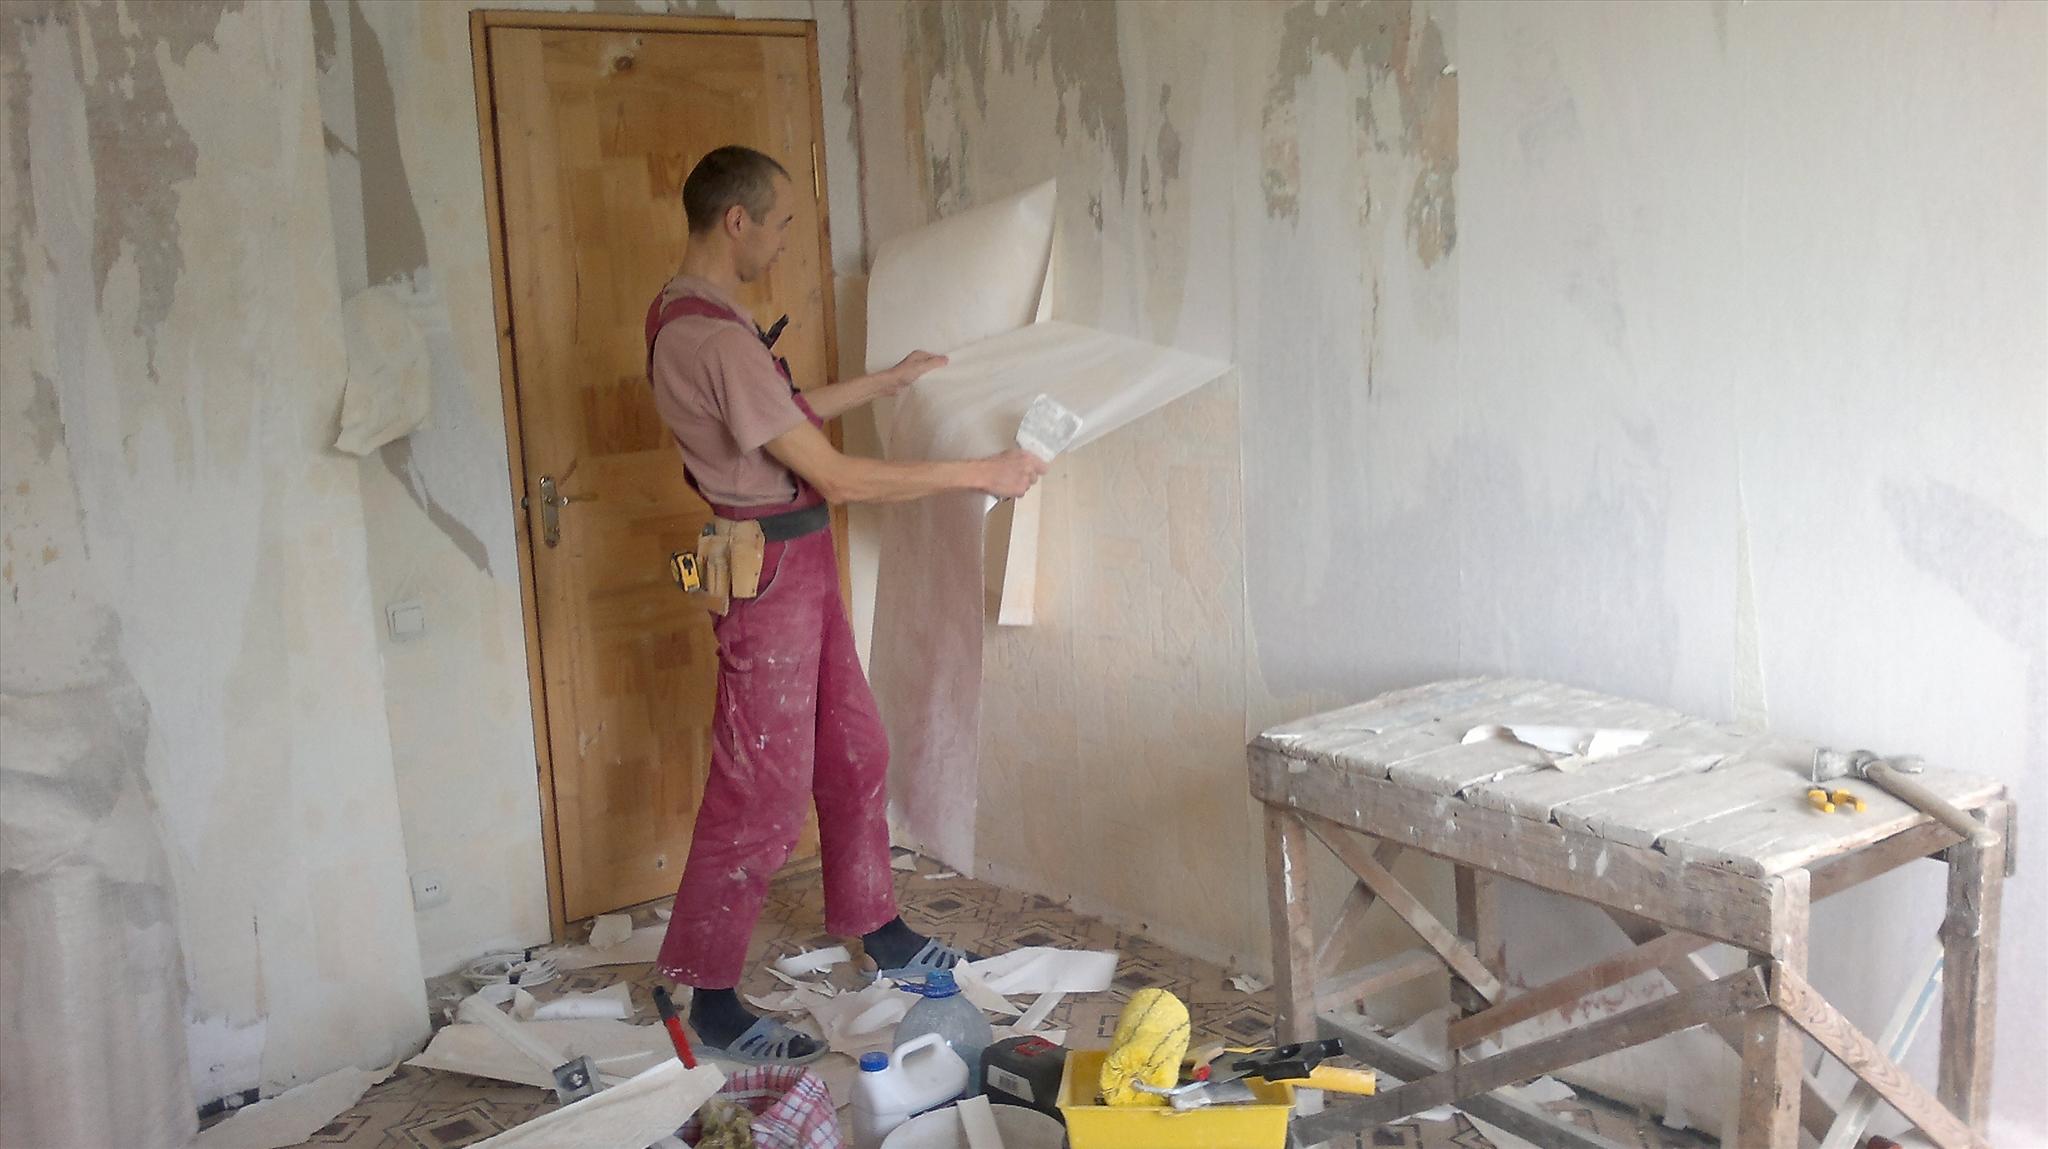 Как сделать быстро ремонт в квартире своими руками недорого и быстро фото